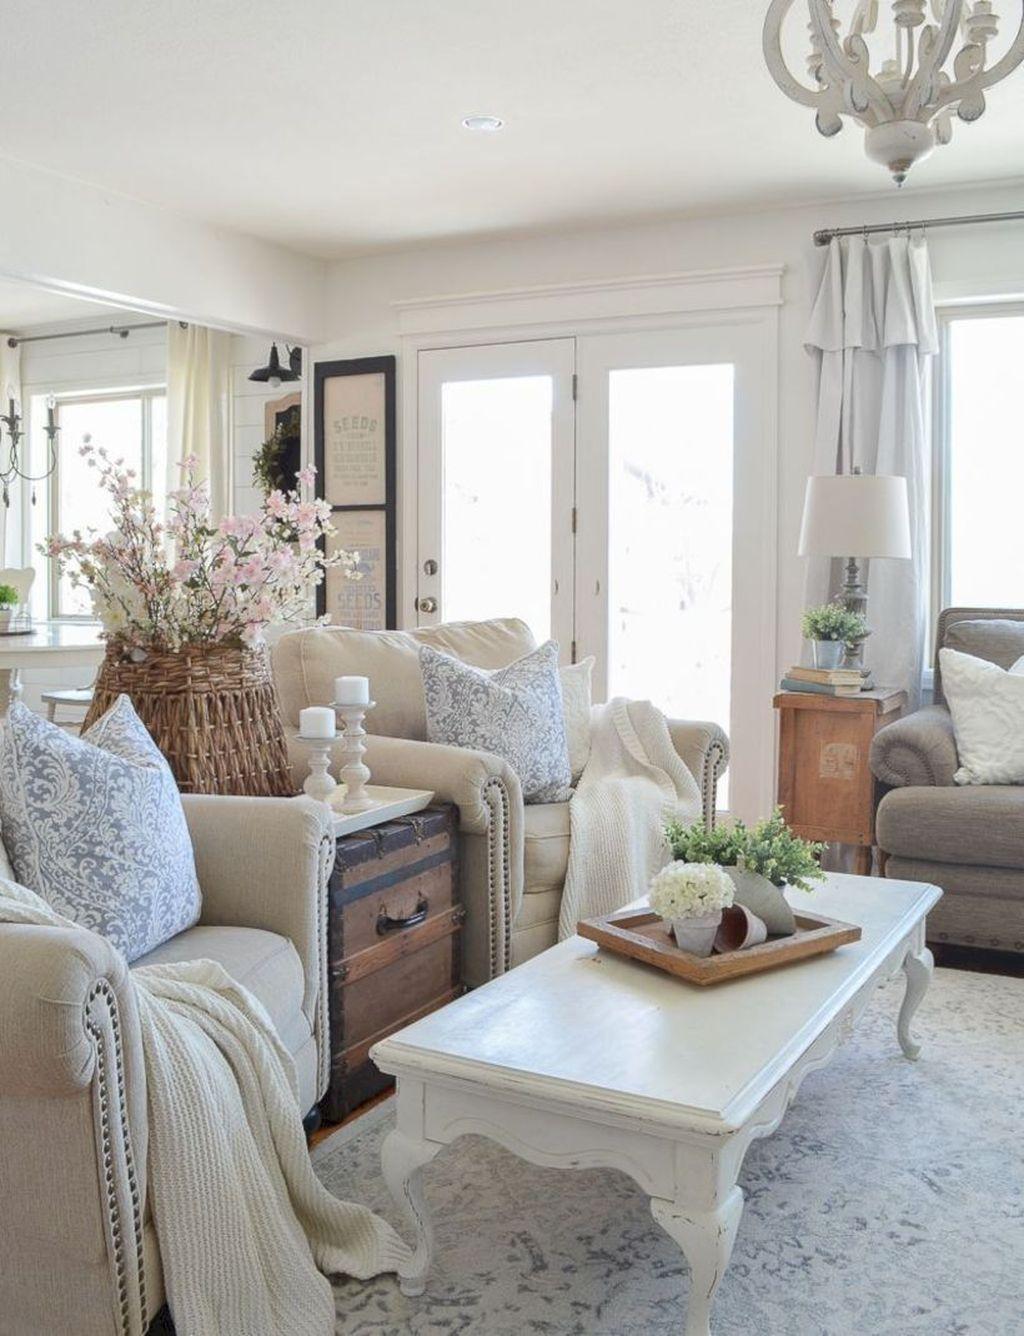 20+ Fabulous Shabby Chic Farmhouse Living Room Decor Ideas ...